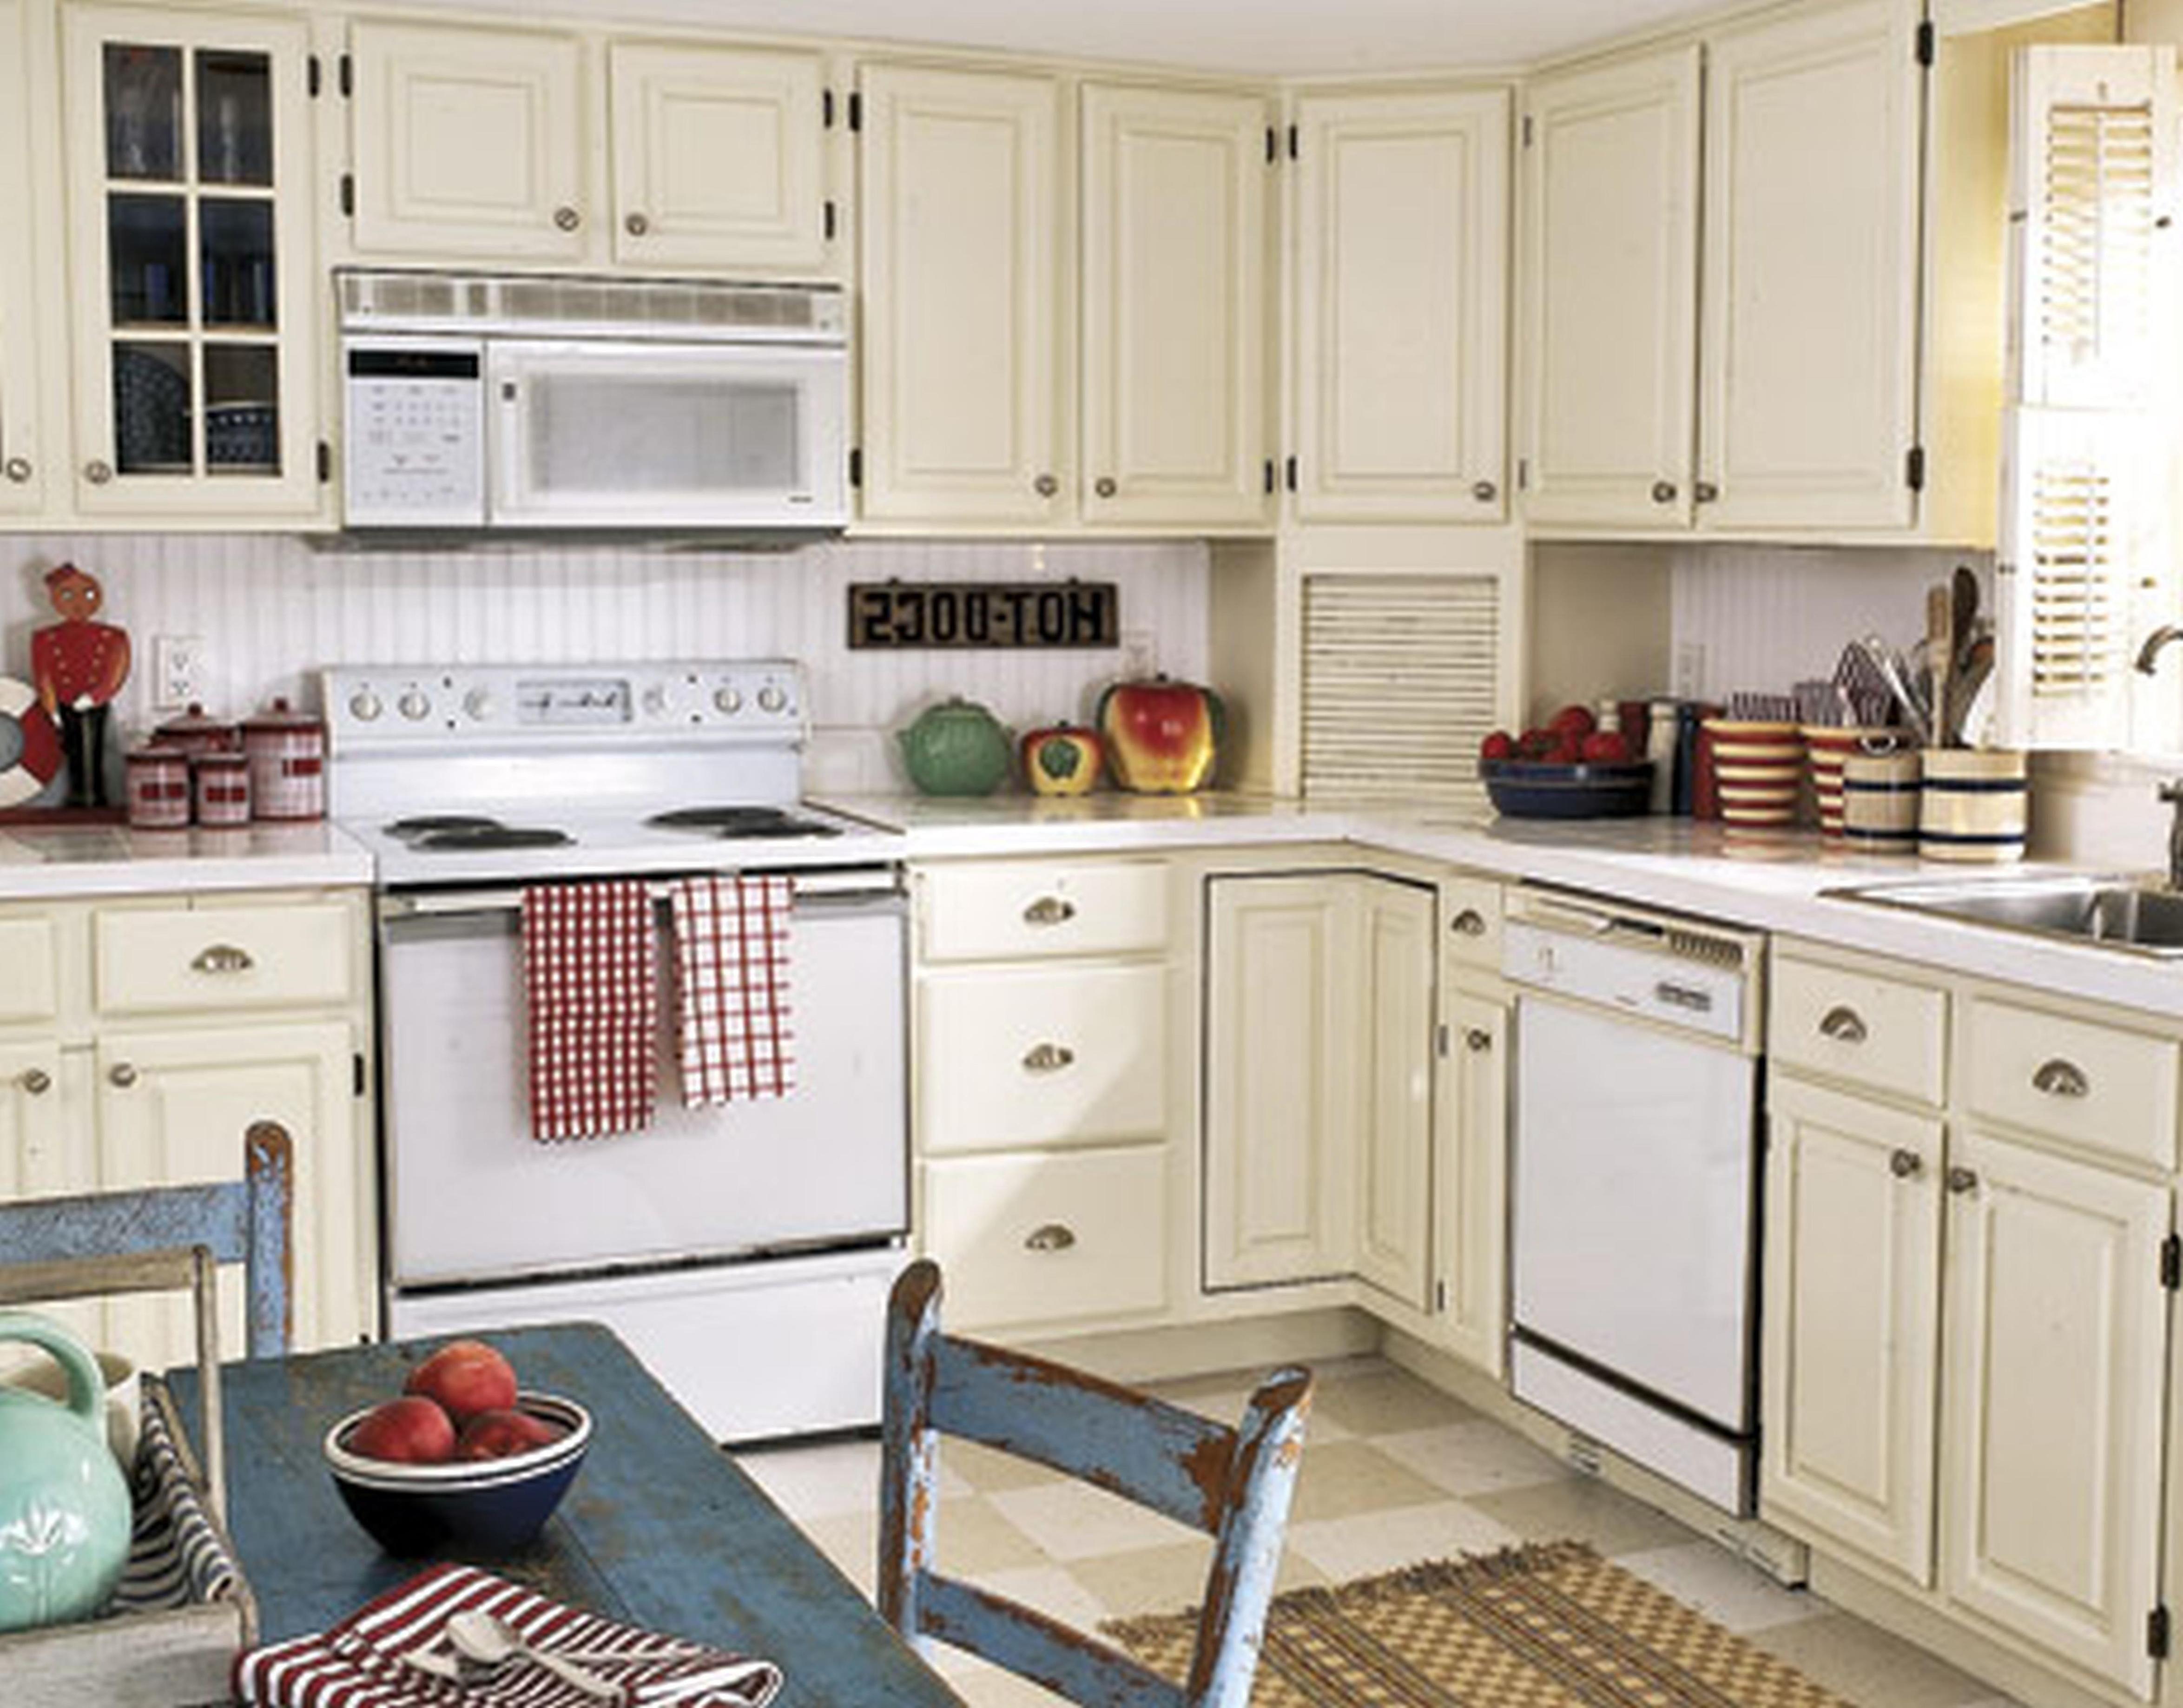 Vintage Shabby Chic Kitchen Cabinets 20 En 2020 Cocinas Pequenas Cocinas Interiores